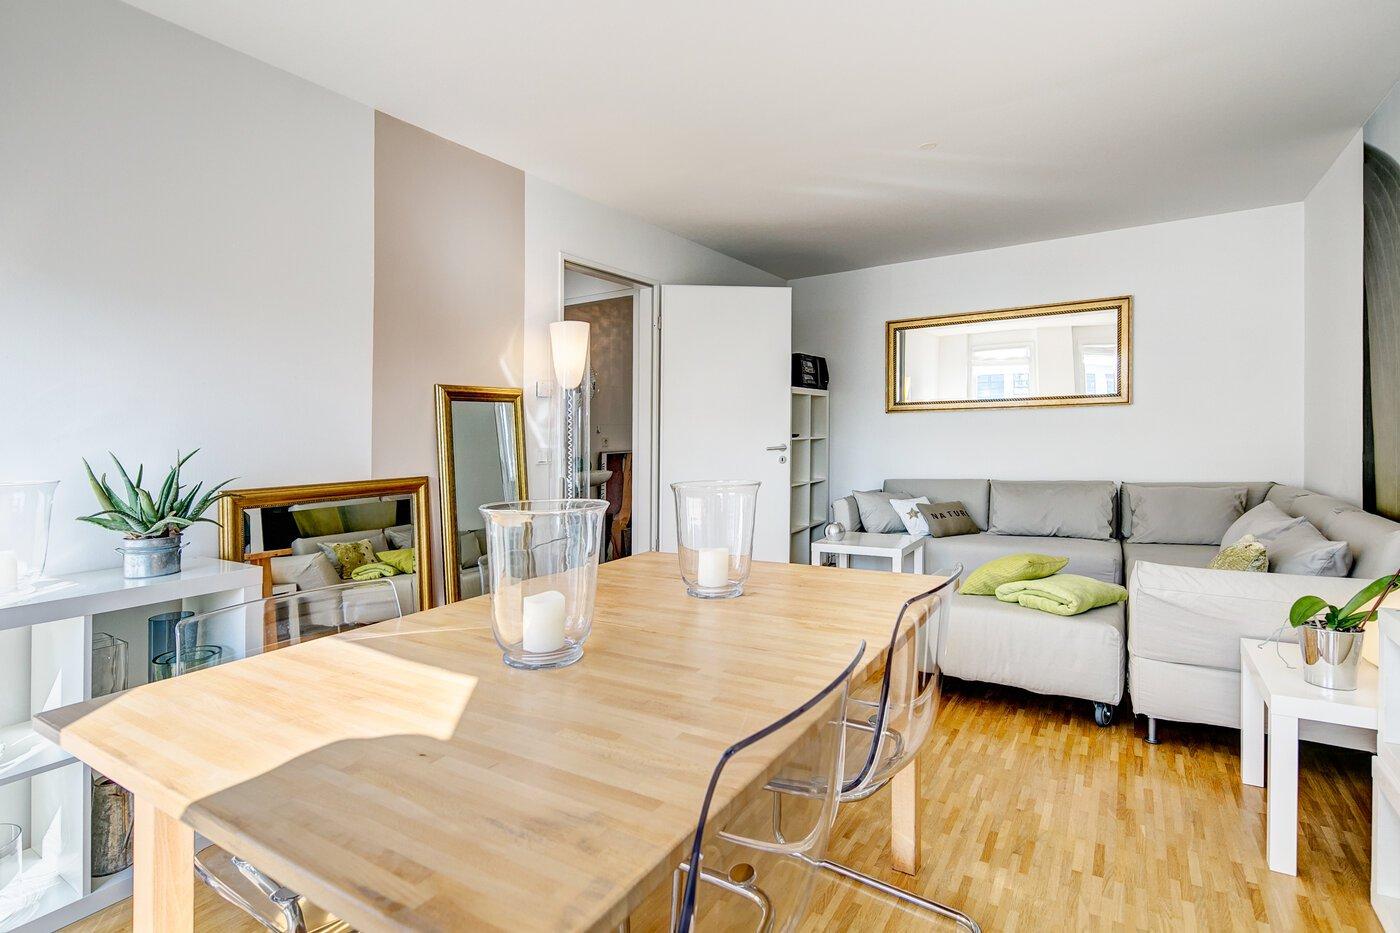 2 5 habitaciones piso amueblado balc n m nich for Piso 5 habitaciones